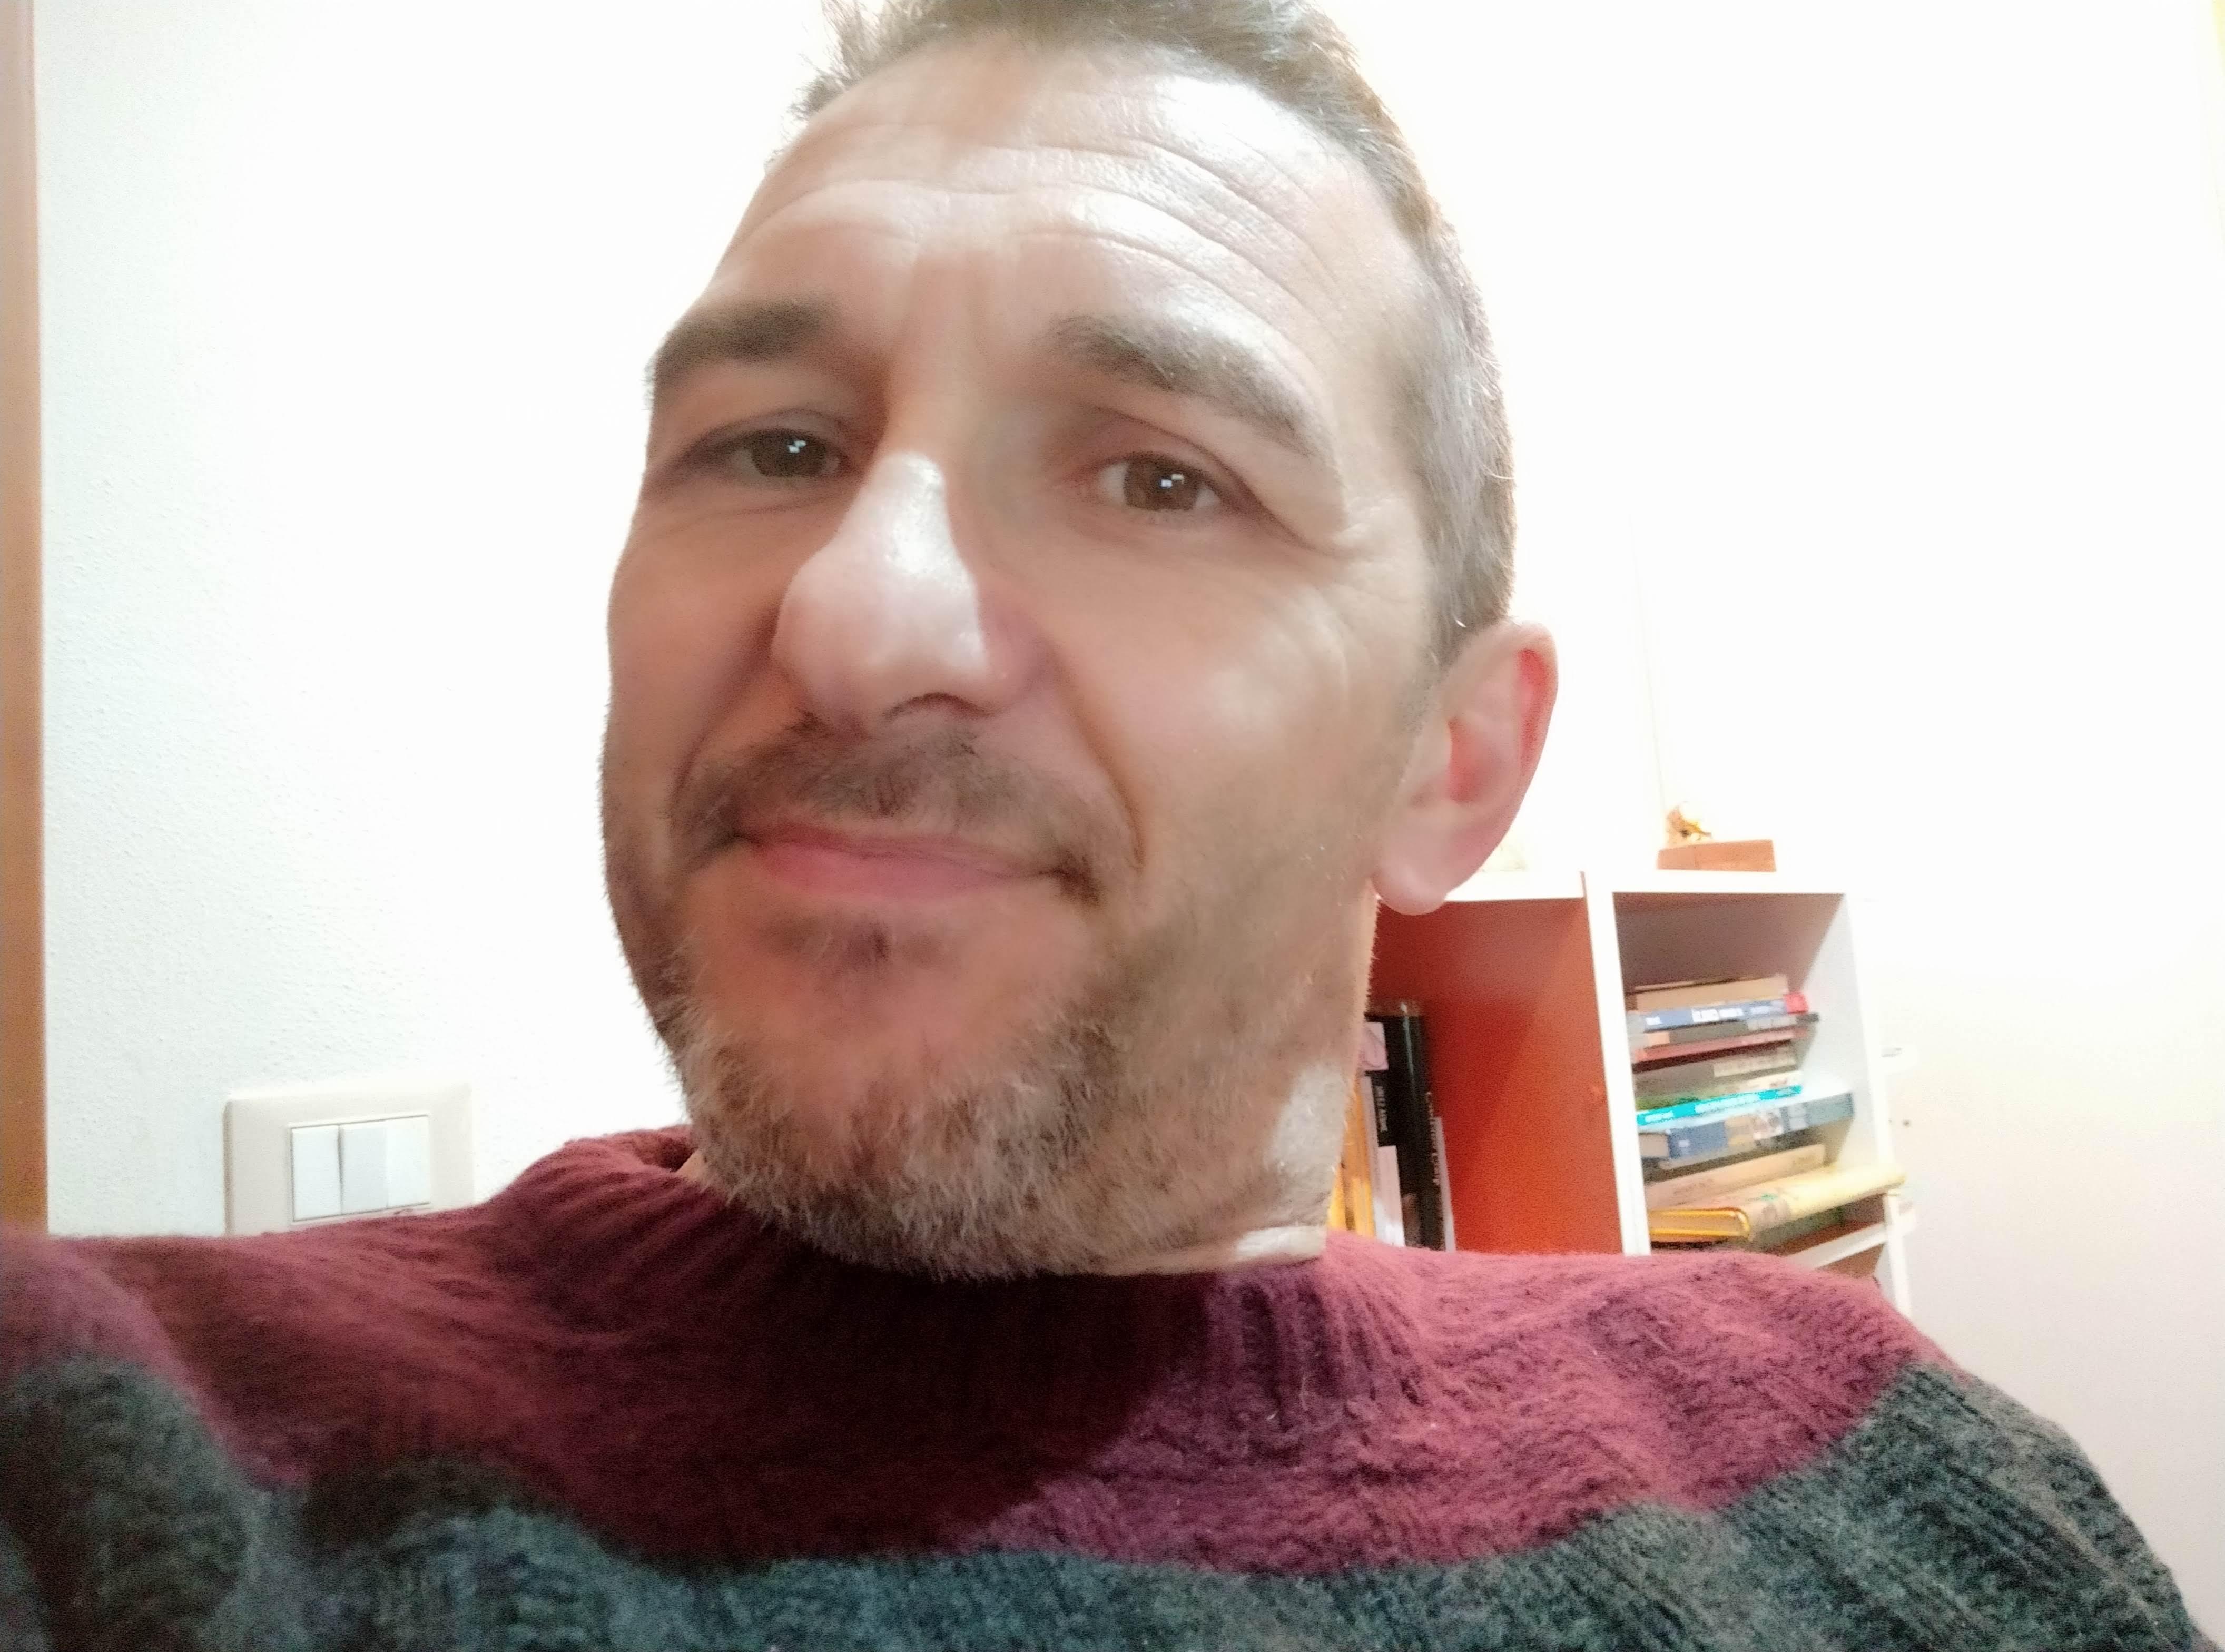 Massimo Cerbarano